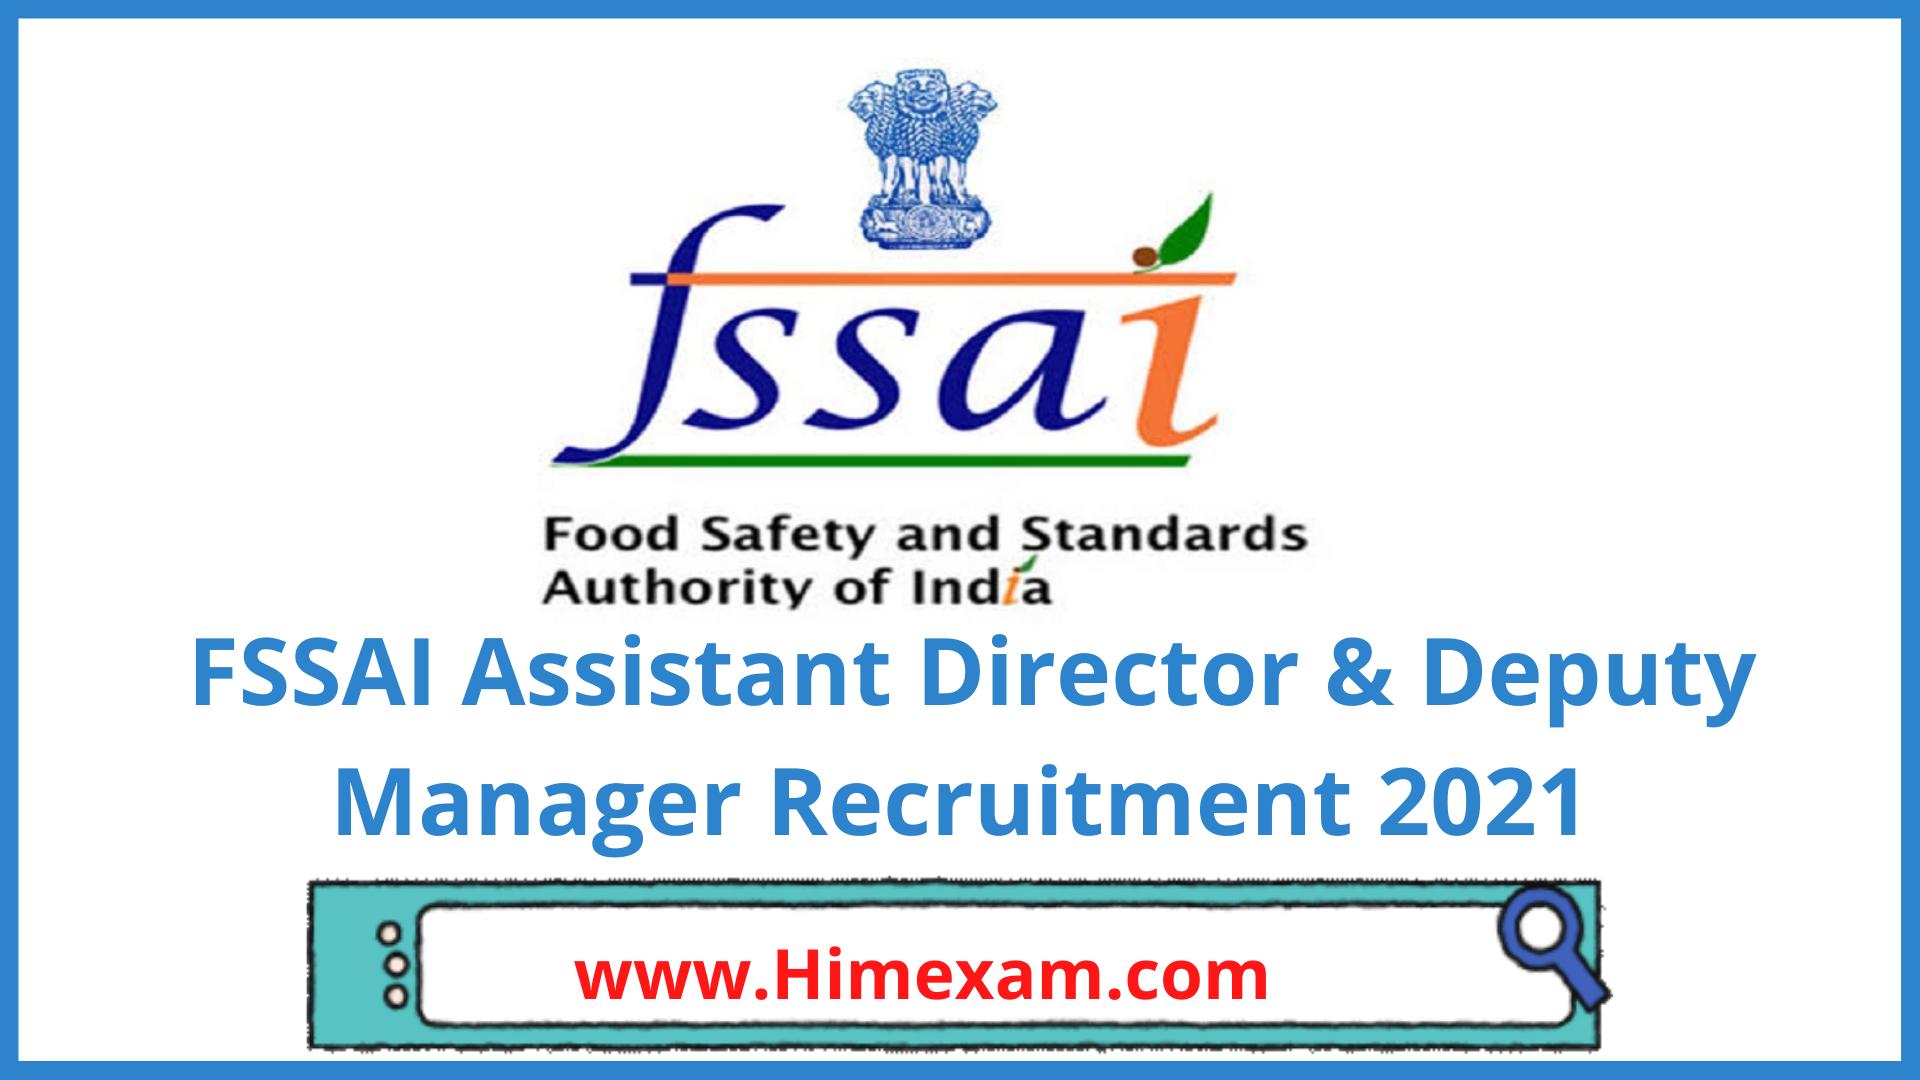 FSSAI Assistant Director & Deputy Manager Recruitment 2021